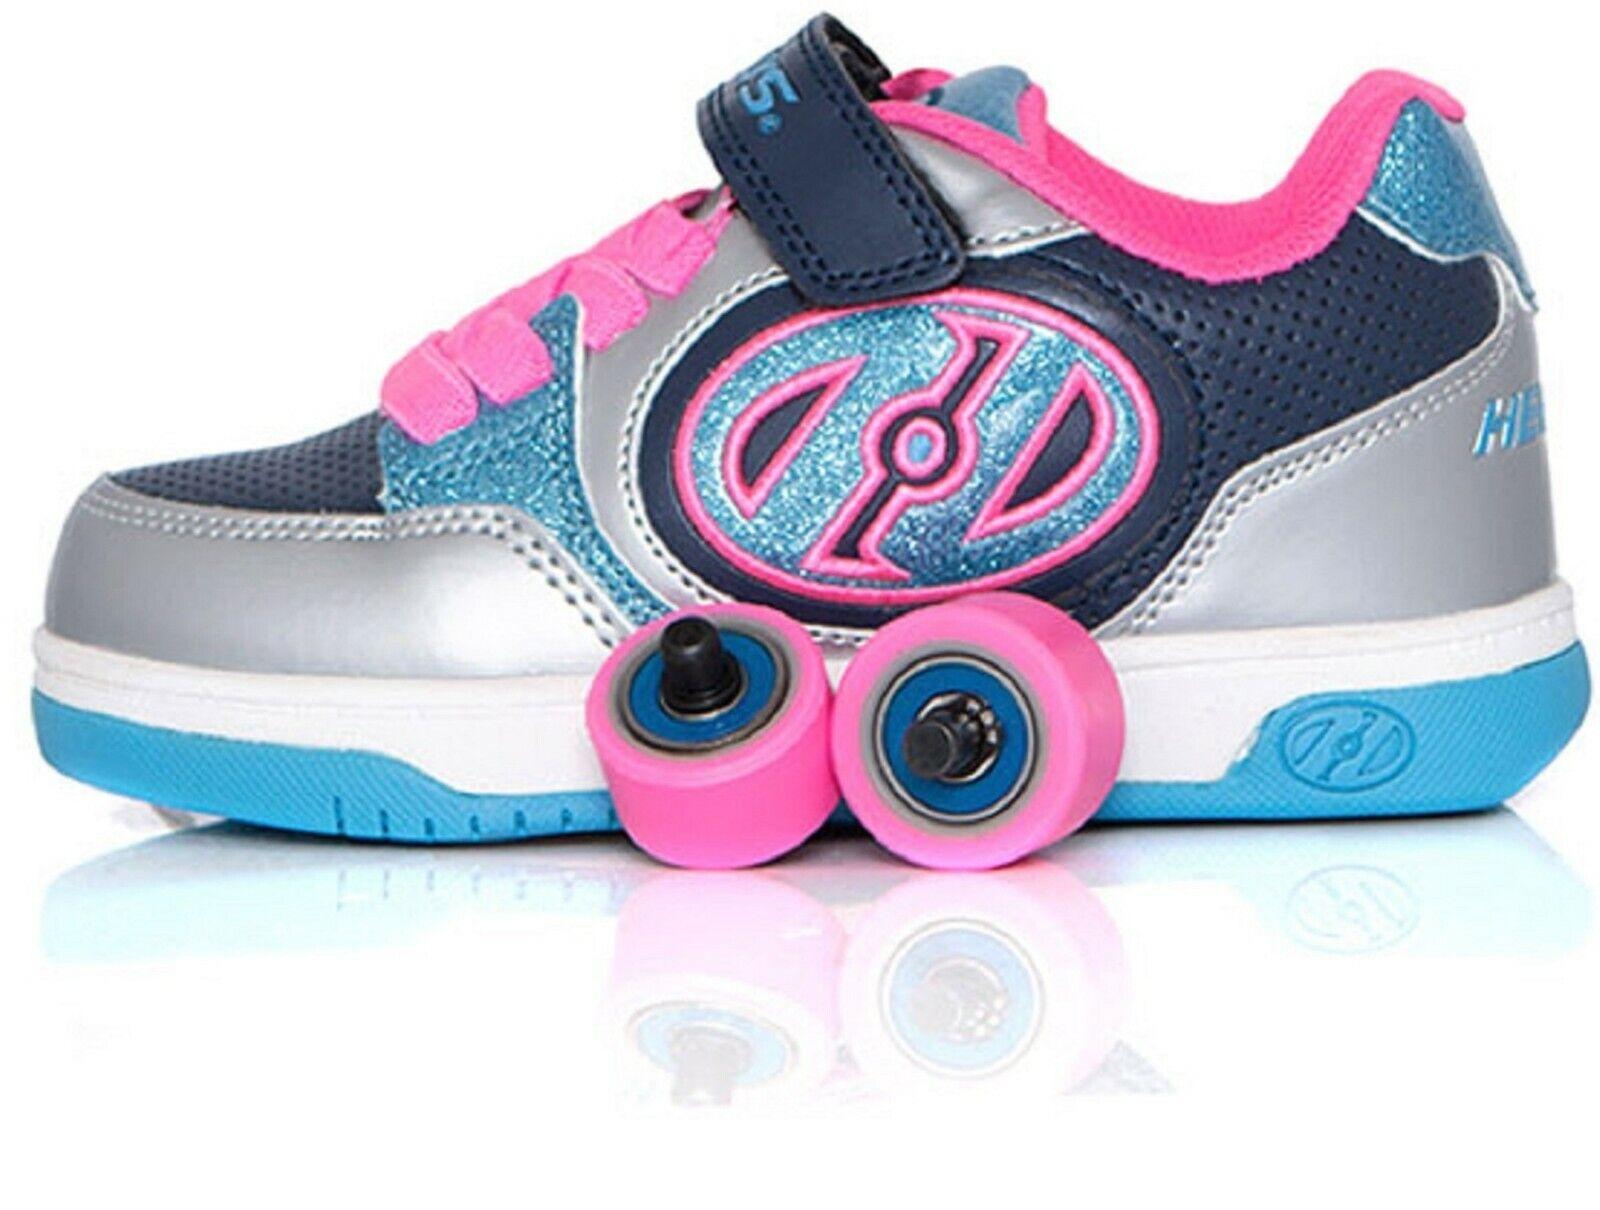 Roller Shoes Christmas Boys Girls Wheels Heelys Skates LED Trainers UK Kids Gift